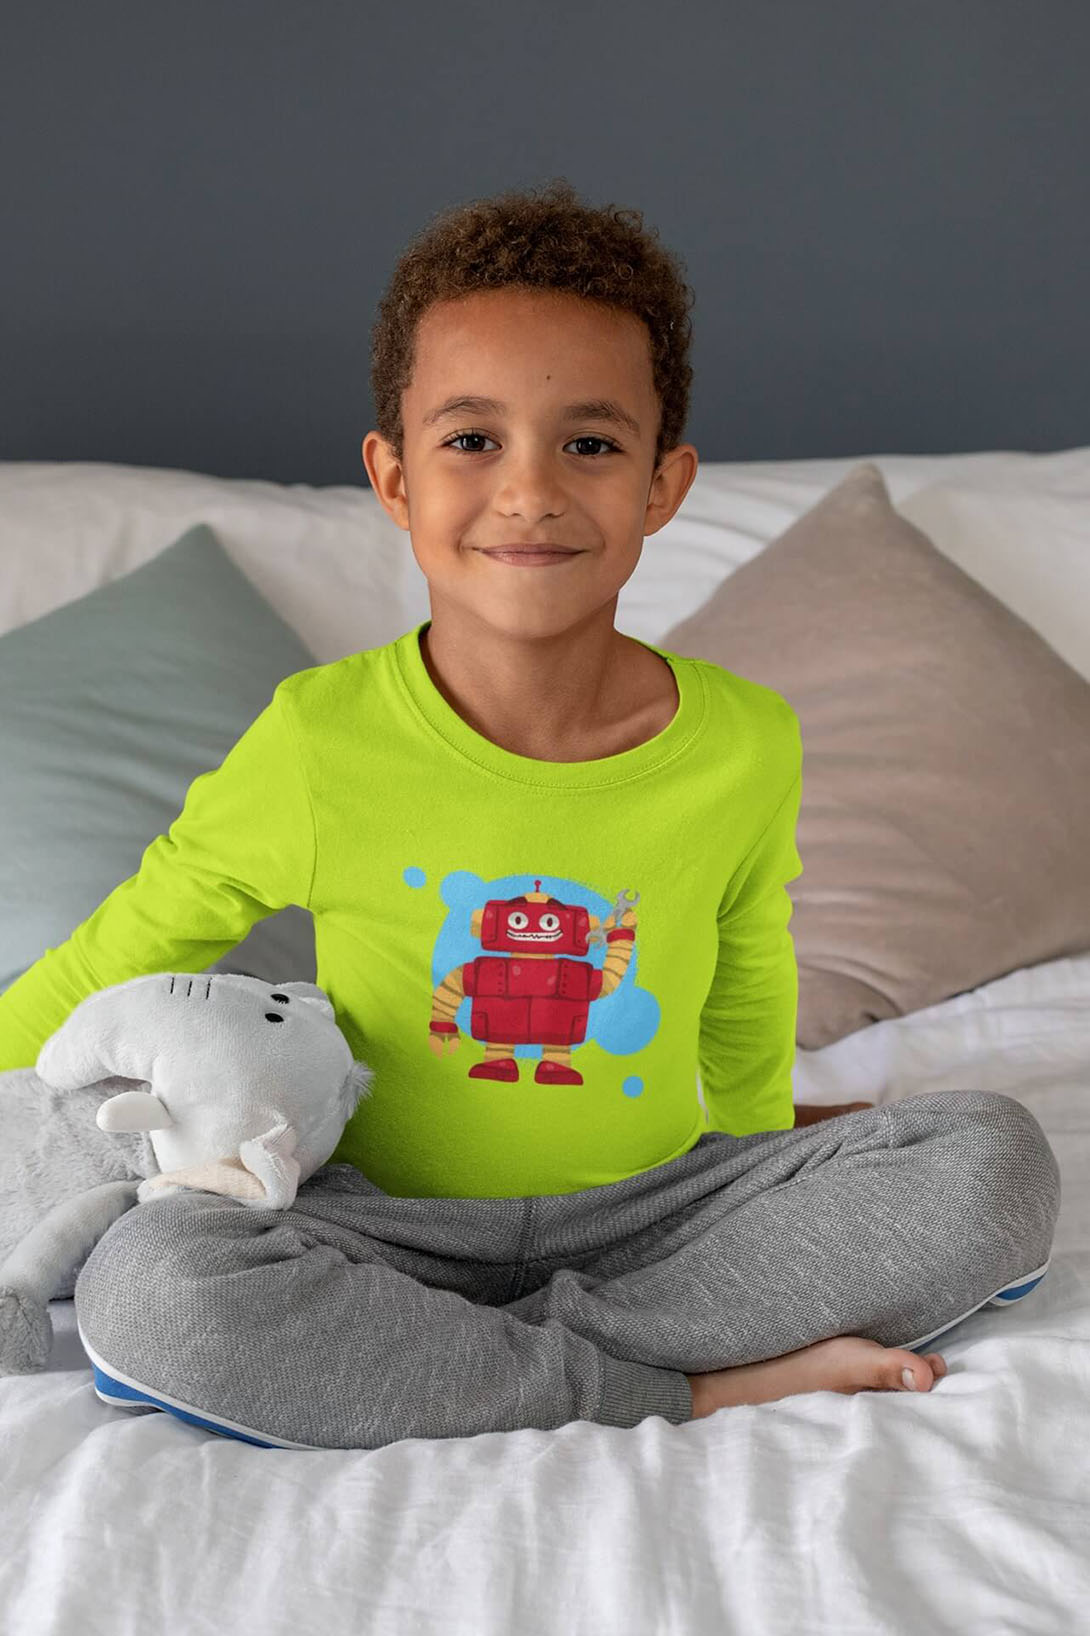 MMO Chlapčenské tričko s dlhým rukávom Robot Vyberte farbu:: Limetková, Detská veľkosť: 158/12 rokov